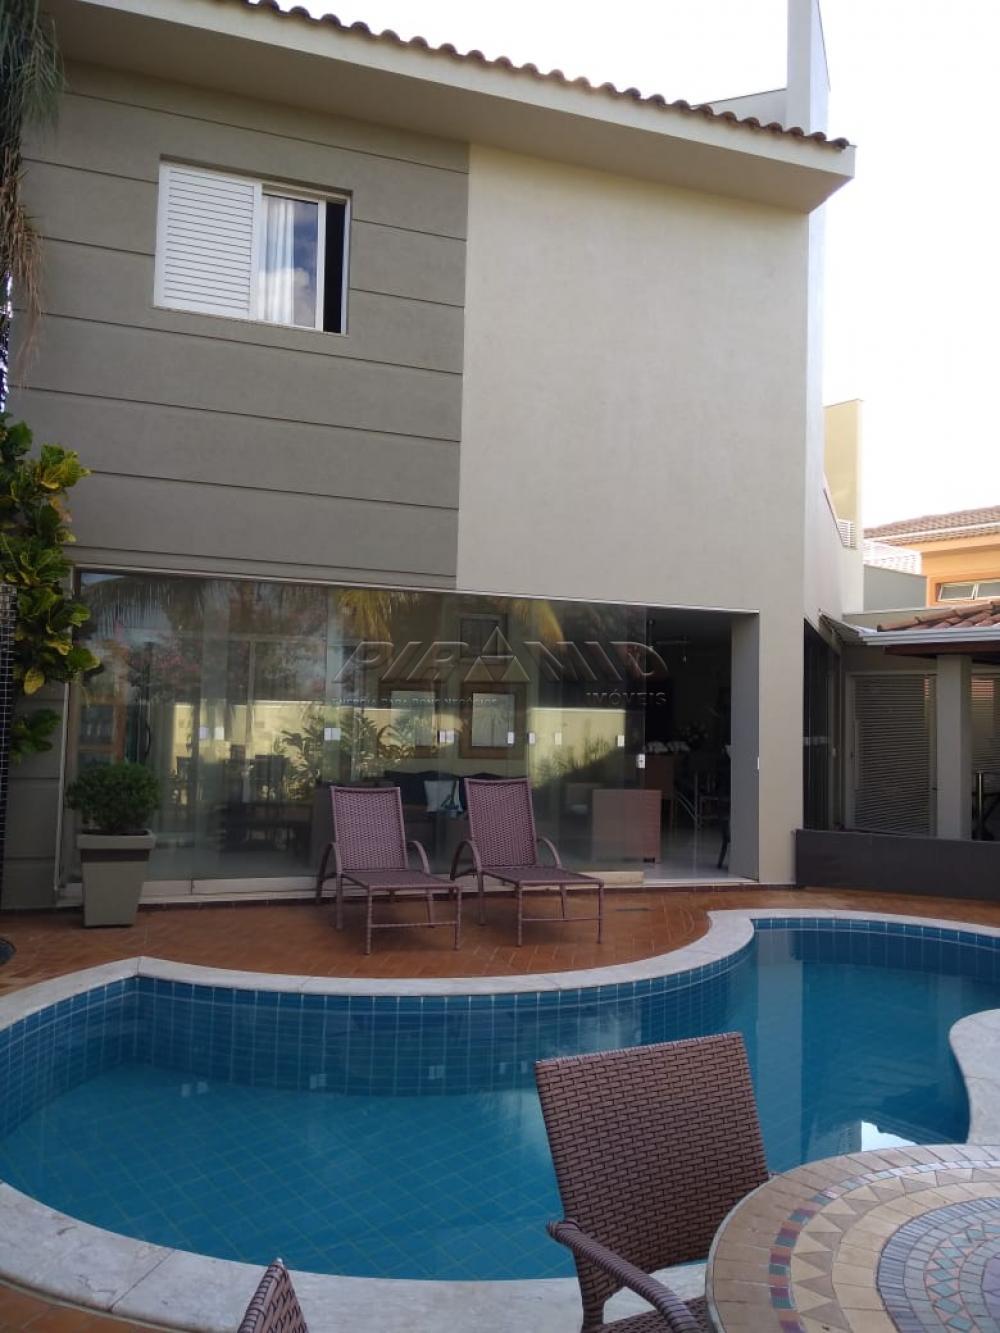 Comprar Casa / Condomínio em Ribeirão Preto R$ 2.330.000,00 - Foto 11